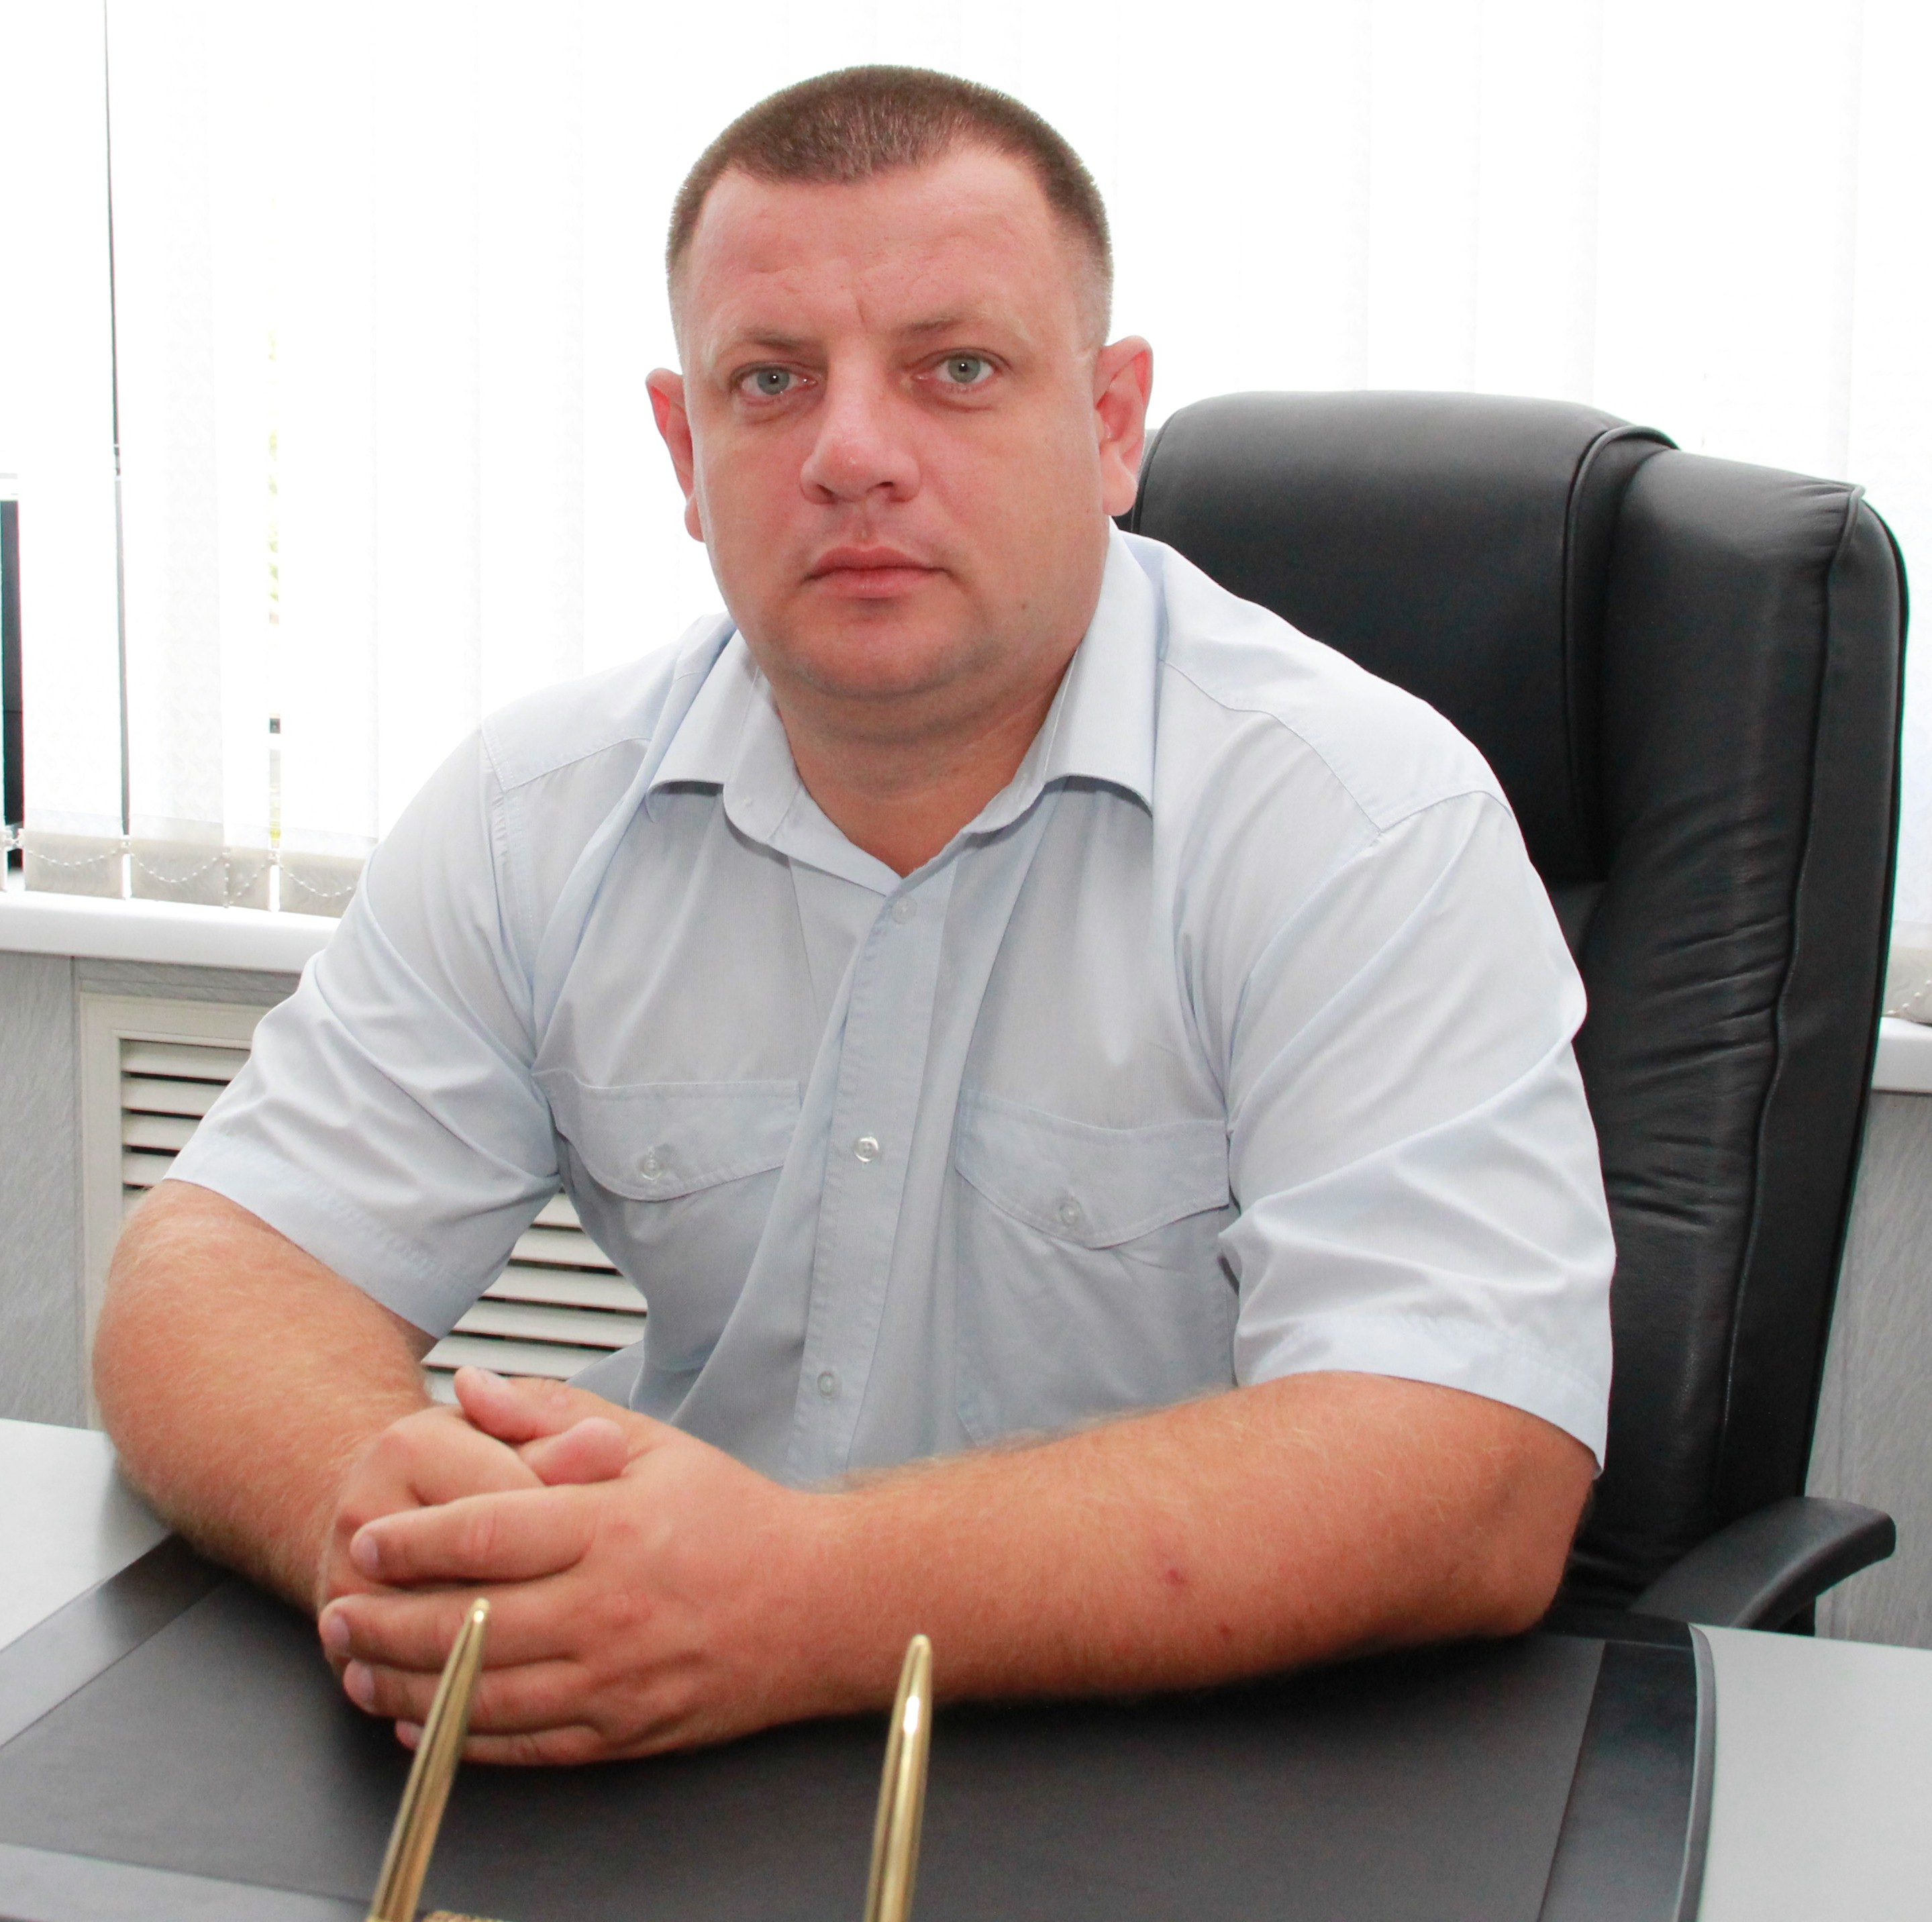 Председатель Собрания представителей муниципального района Большеглушицкий Самарской области Назаров Николай Вениаминович